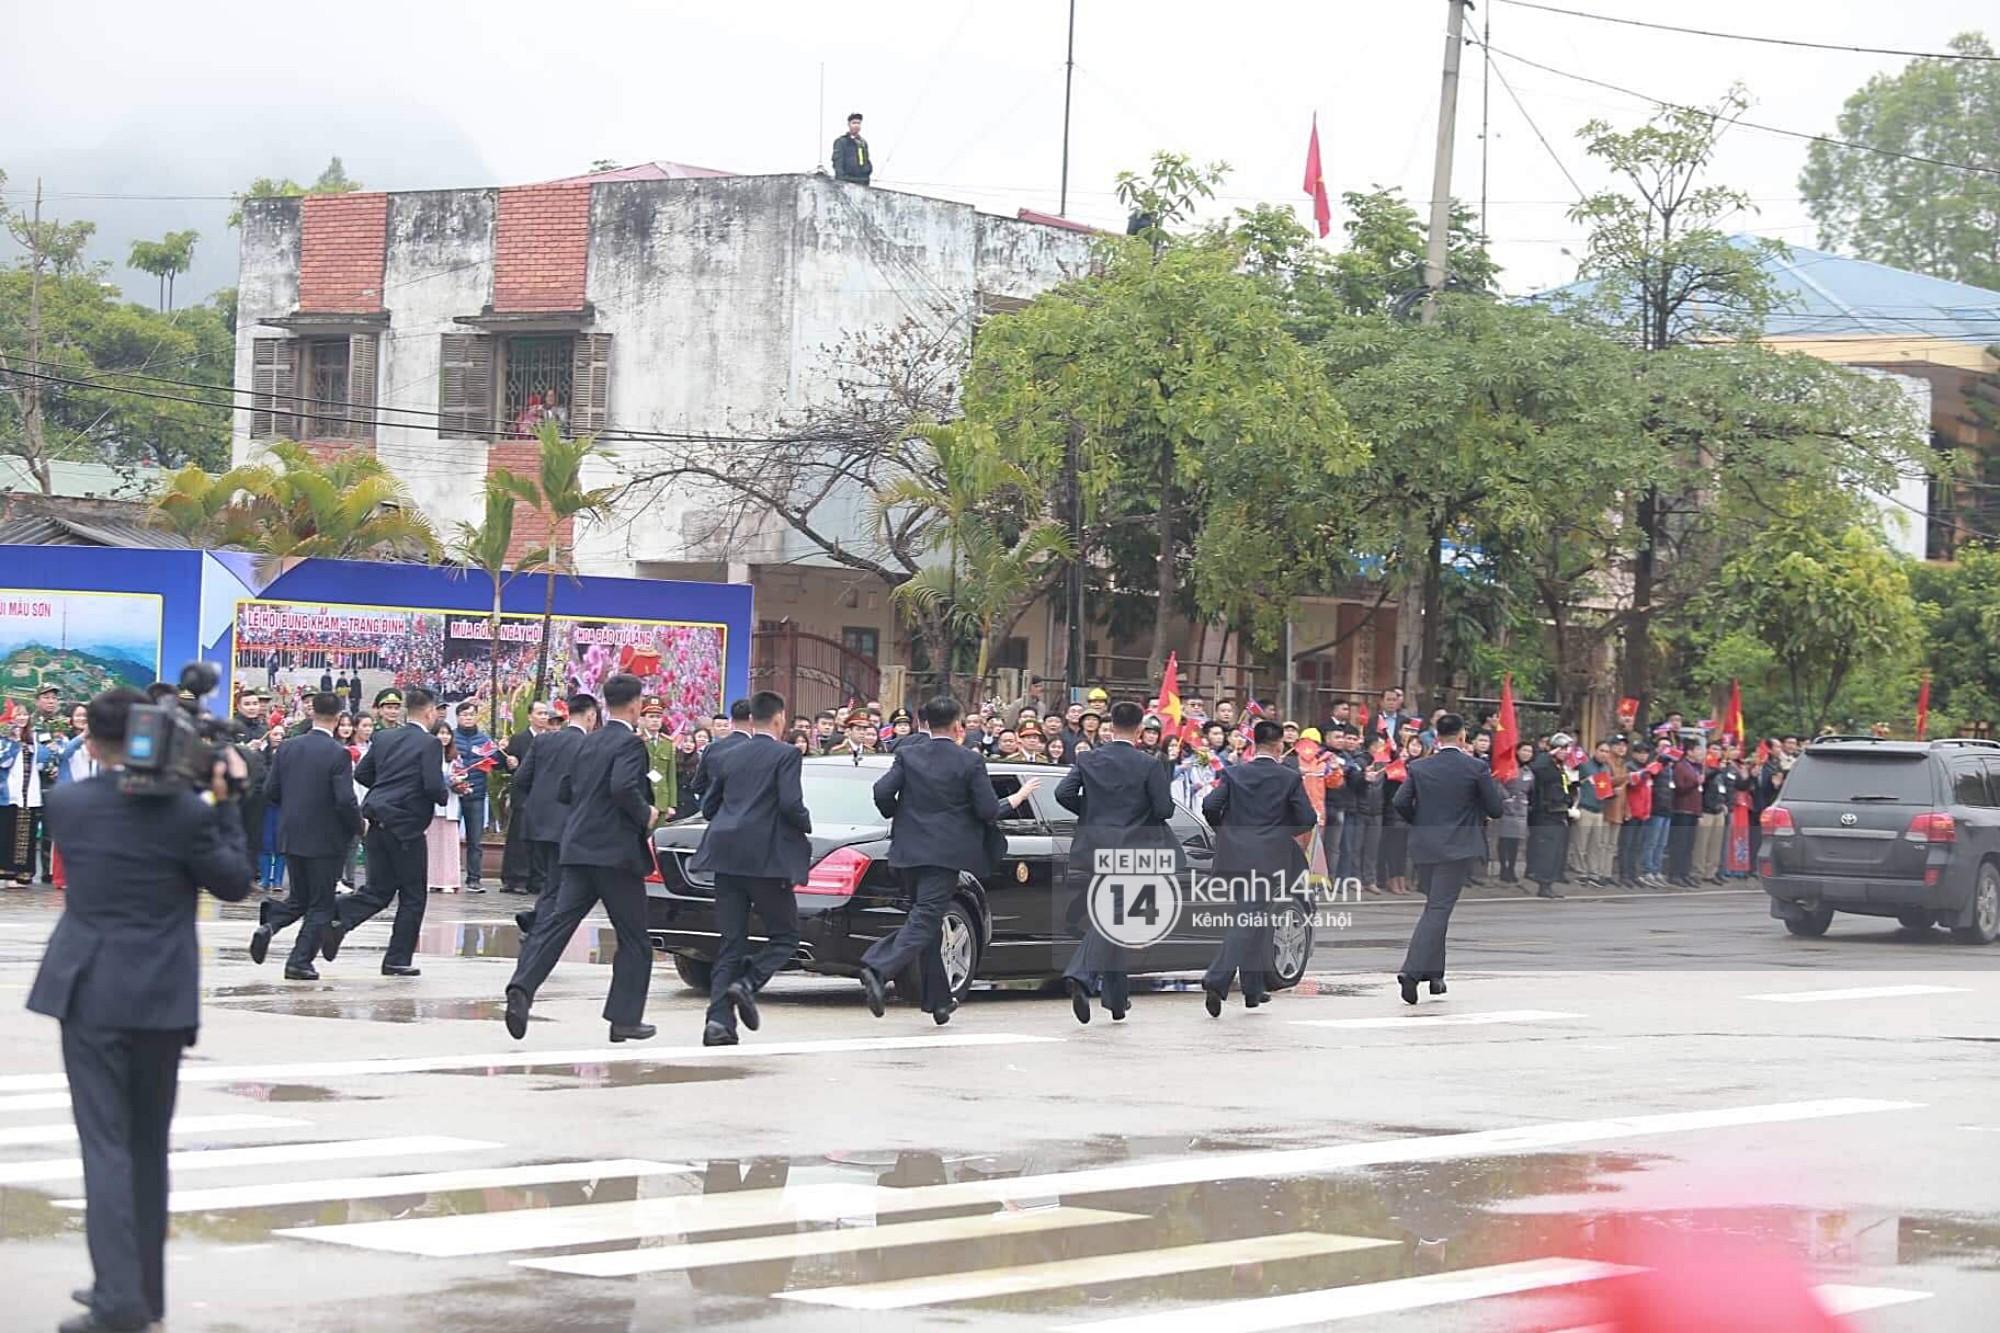 Dàn vệ sĩ tinh nhuệ tái hiện màn chạy bộ ấn tượng bên xe của Chủ tịch Kim Jong-un trước ga Đồng Đăng - Ảnh 2.